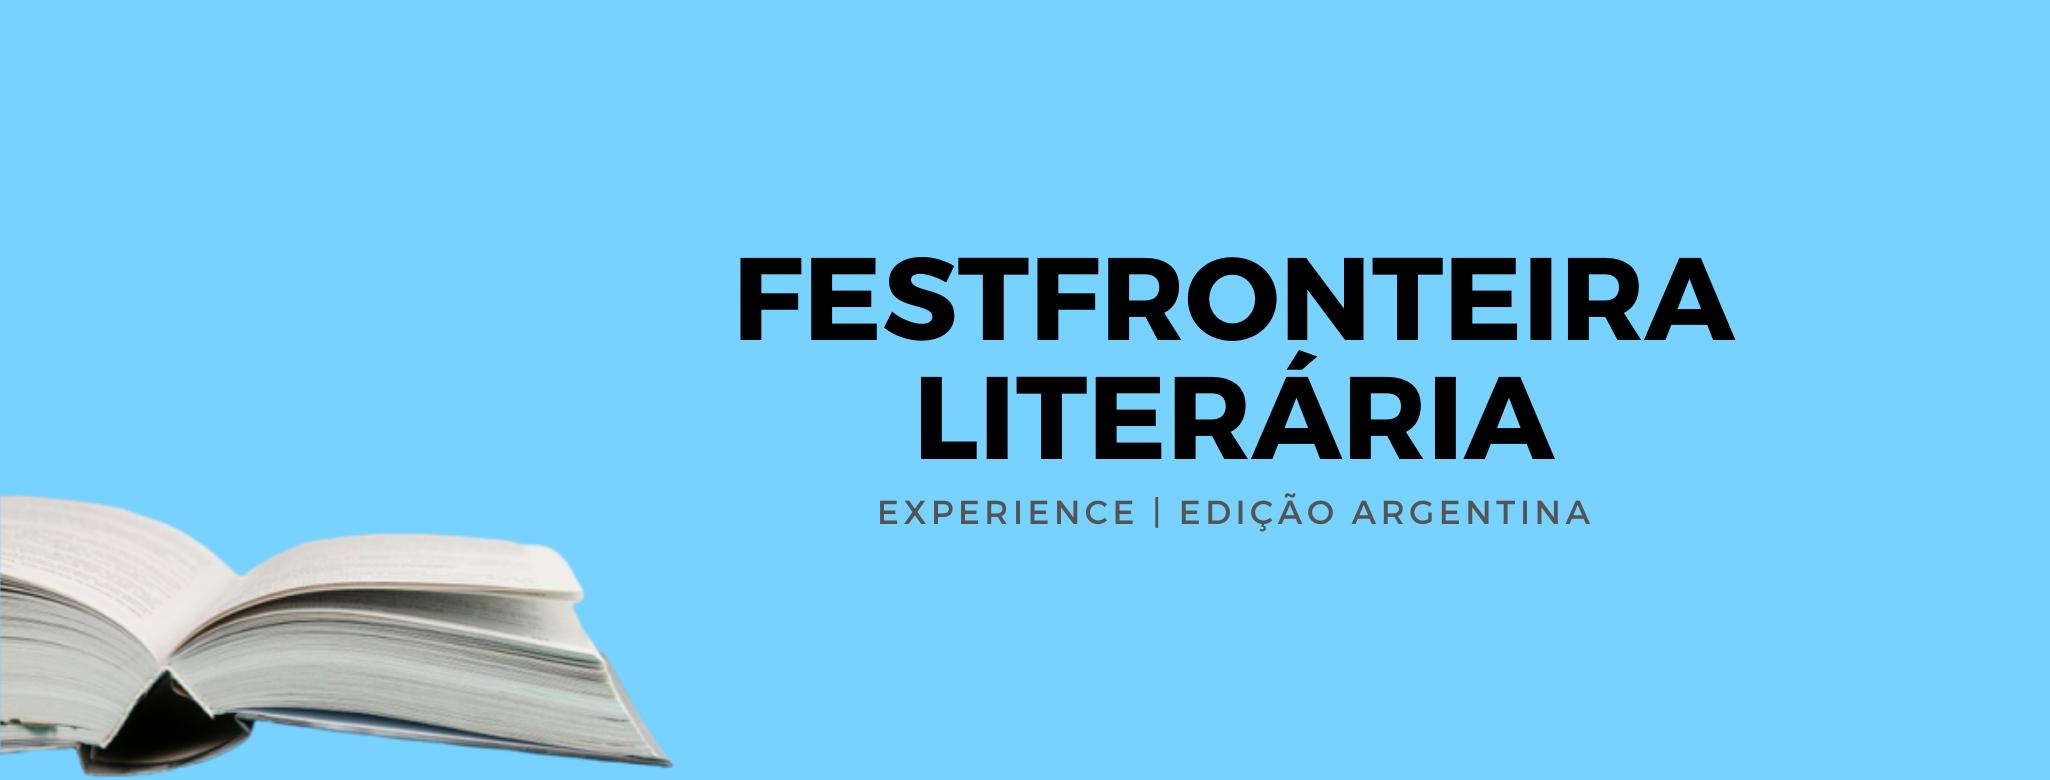 FestFronteira Literária 2020 evento será online e começa hoje